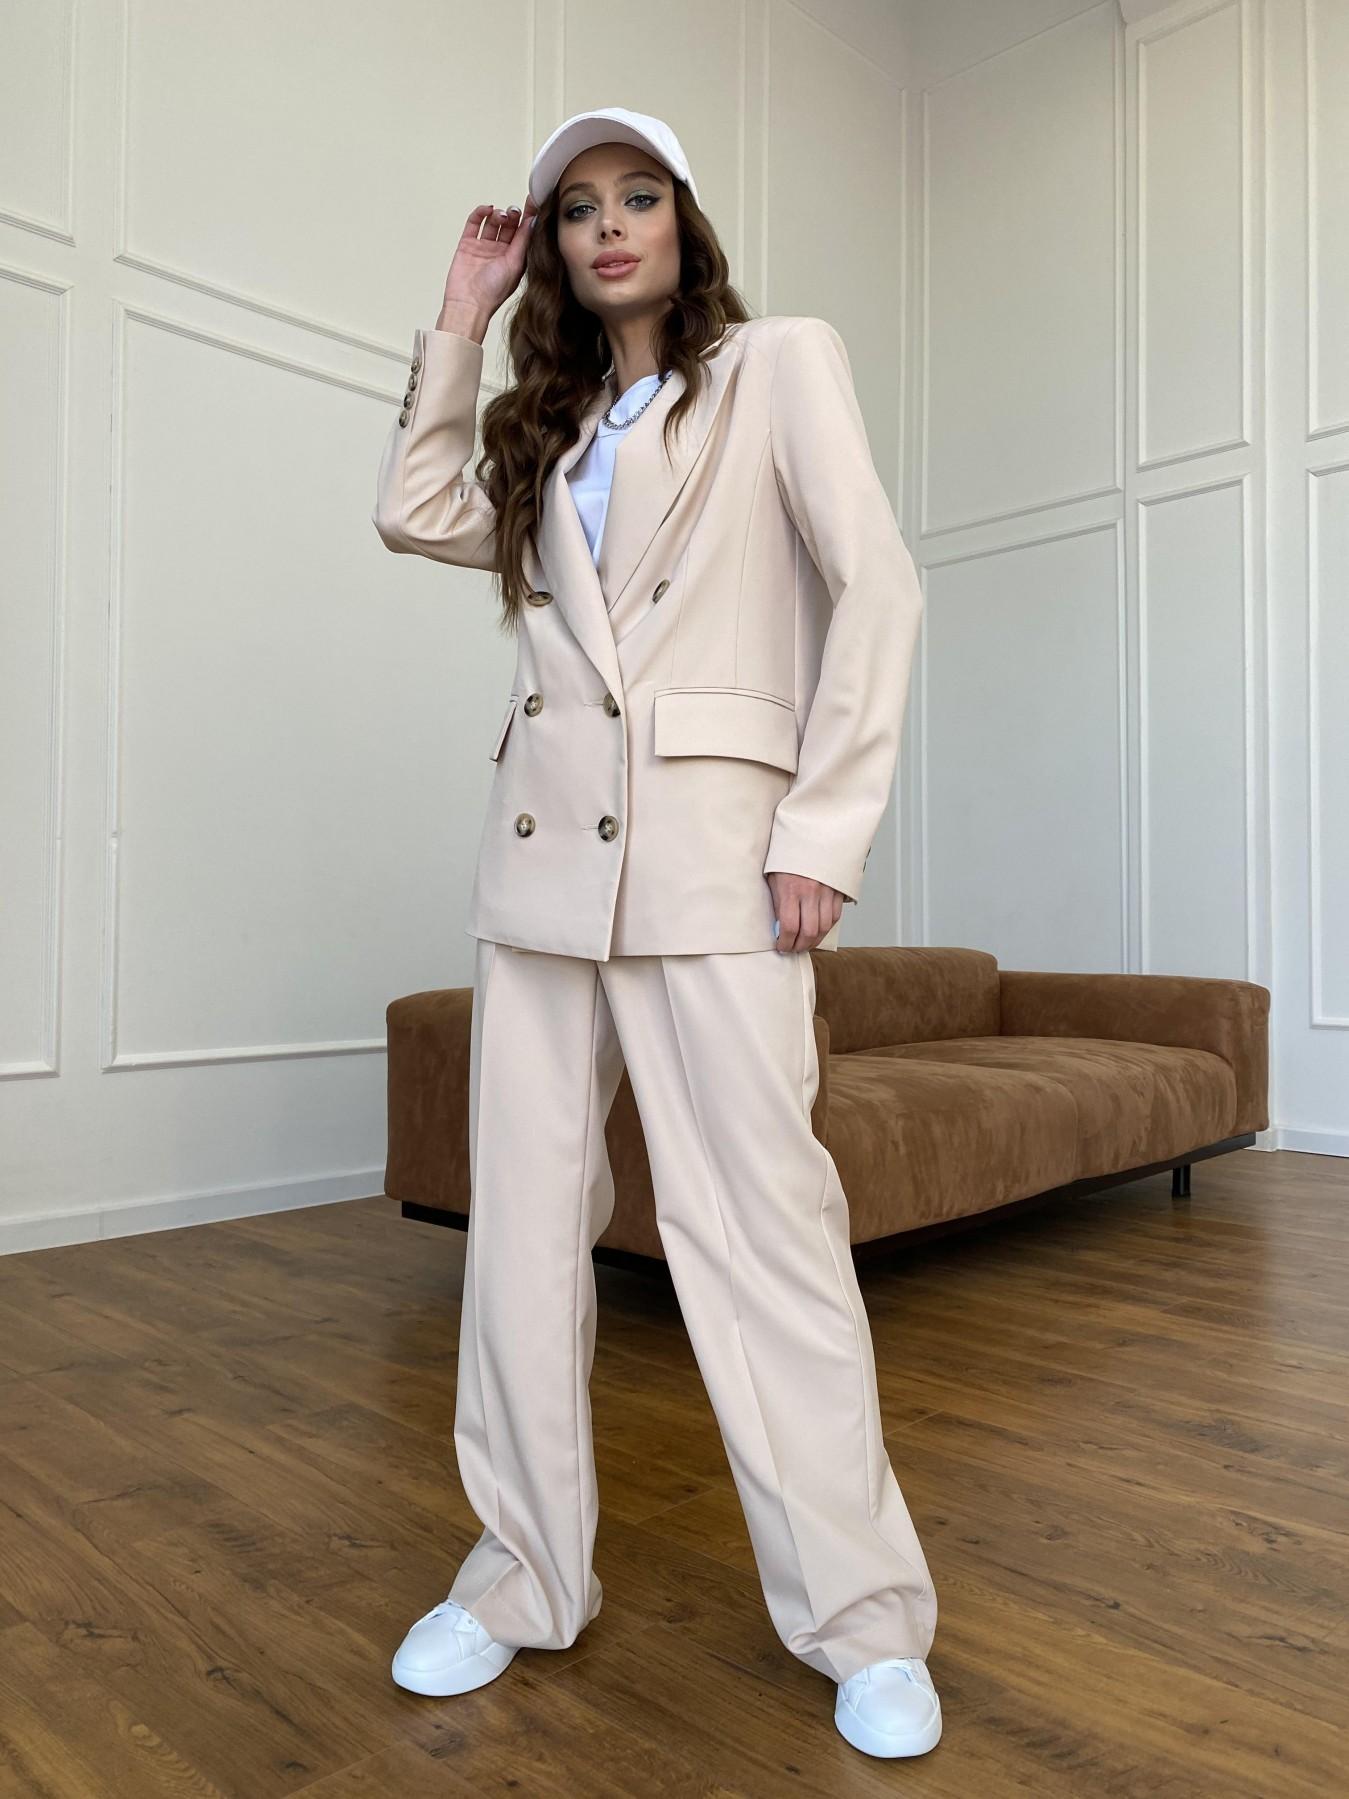 Белисимо  костюм стрейч из костюмной ткани 11217 АРТ. 47721 Цвет: Бежевый - фото 4, интернет магазин tm-modus.ru